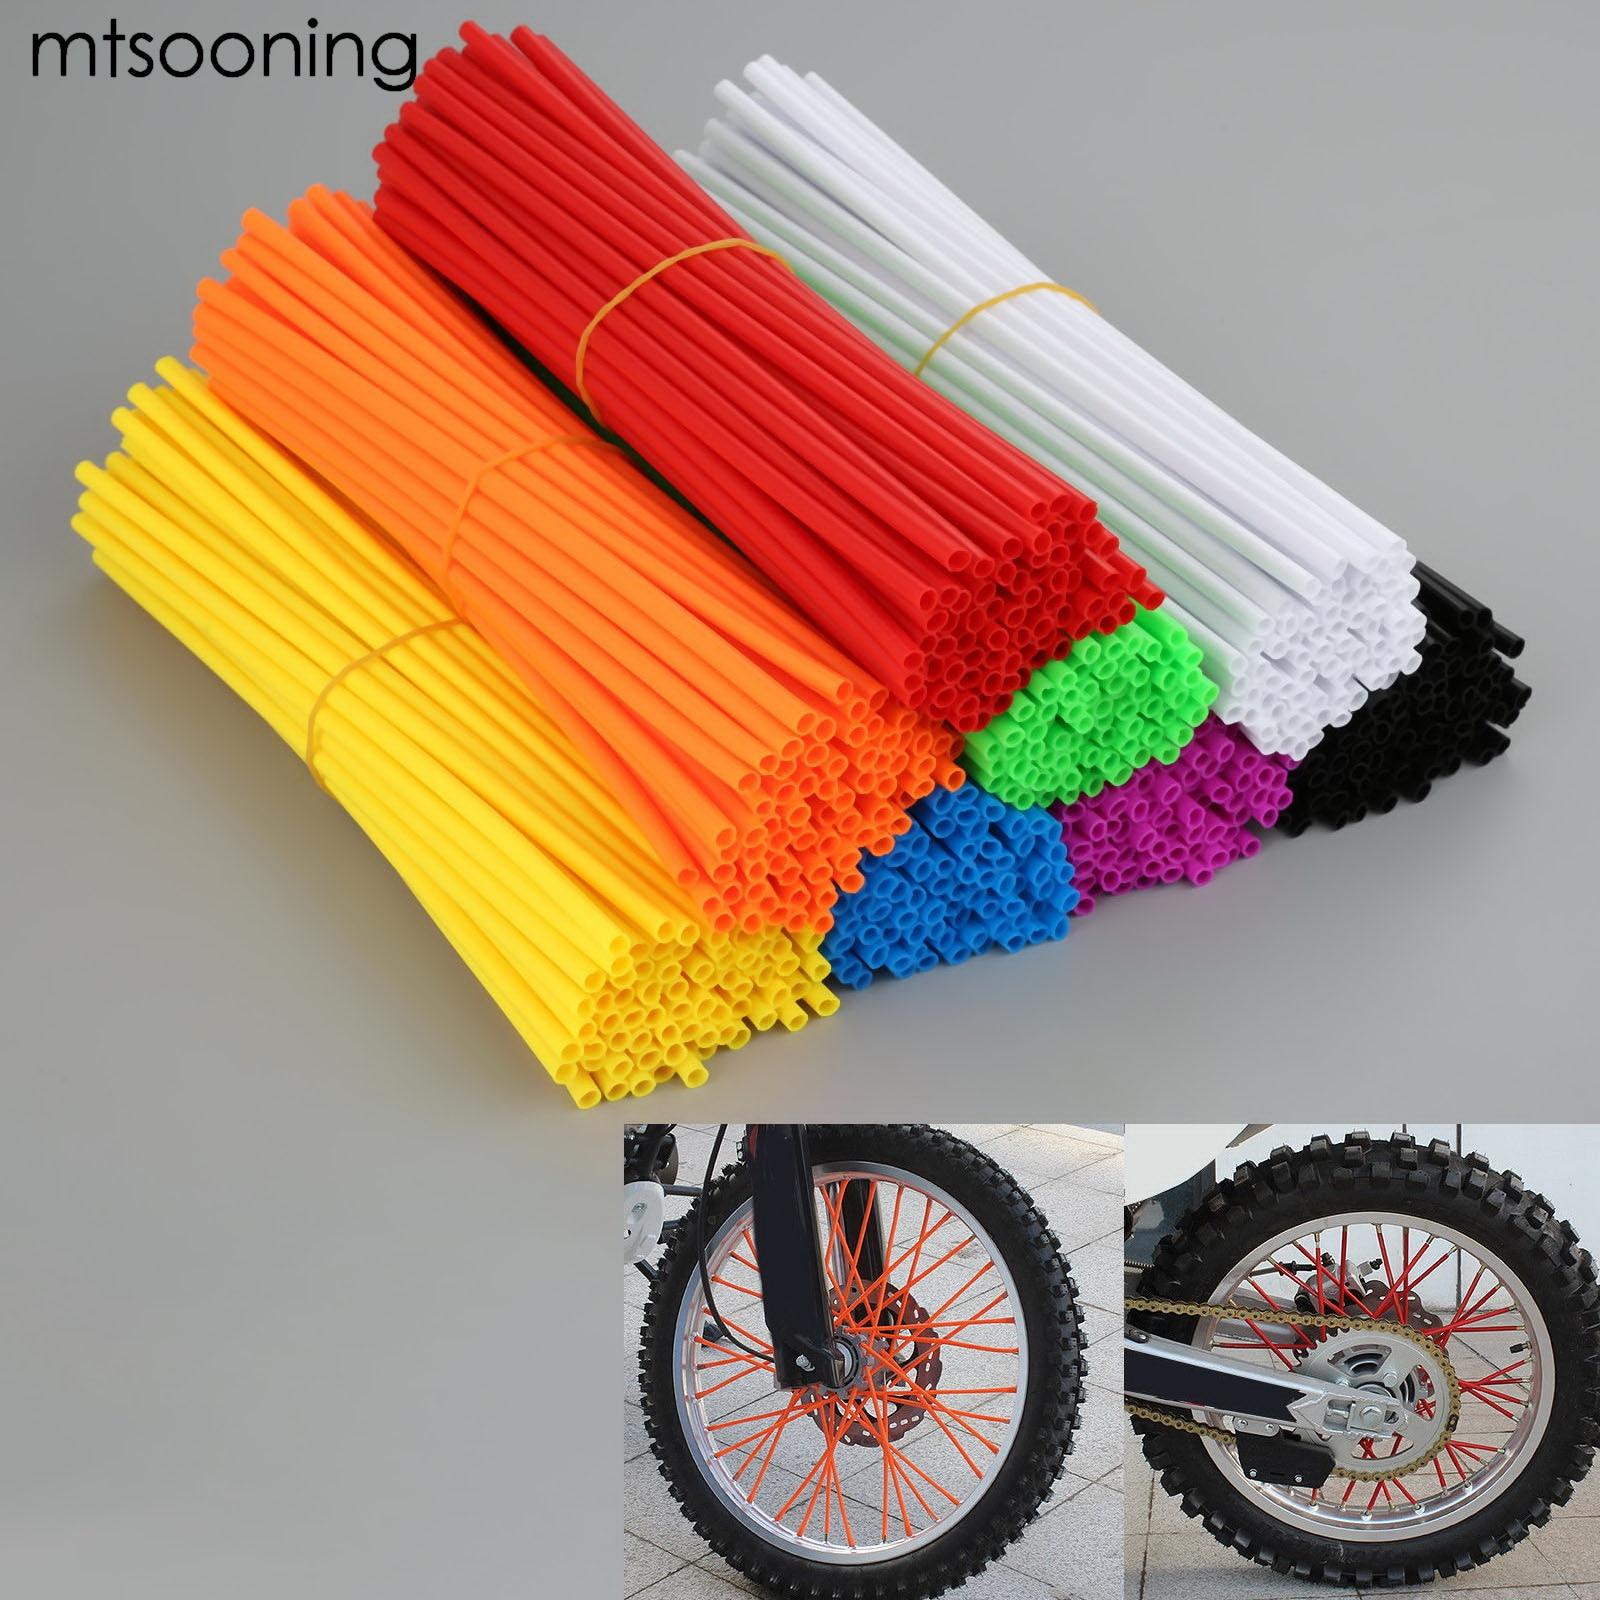 mtsooning мотоцикл грязь велосипед Enduro внедорожных обода колеса говорил скинов multicolor для КТМ, Харлей Хонда Ямаха Кавасаки Сузуки